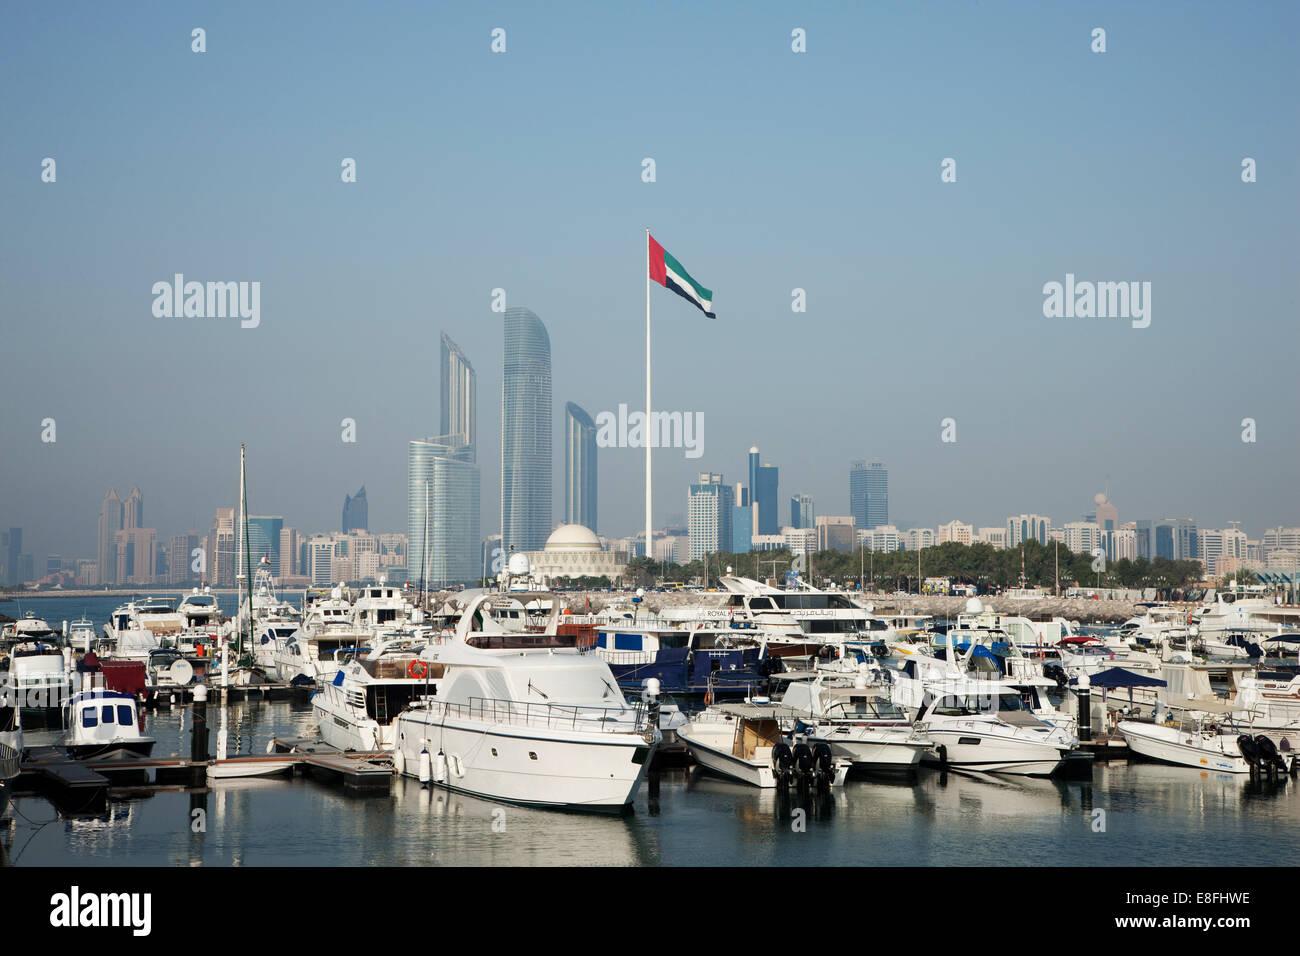 Emirati Arabi Uniti, Abu Dhabi Skyline con il porto in primo piano Immagini Stock